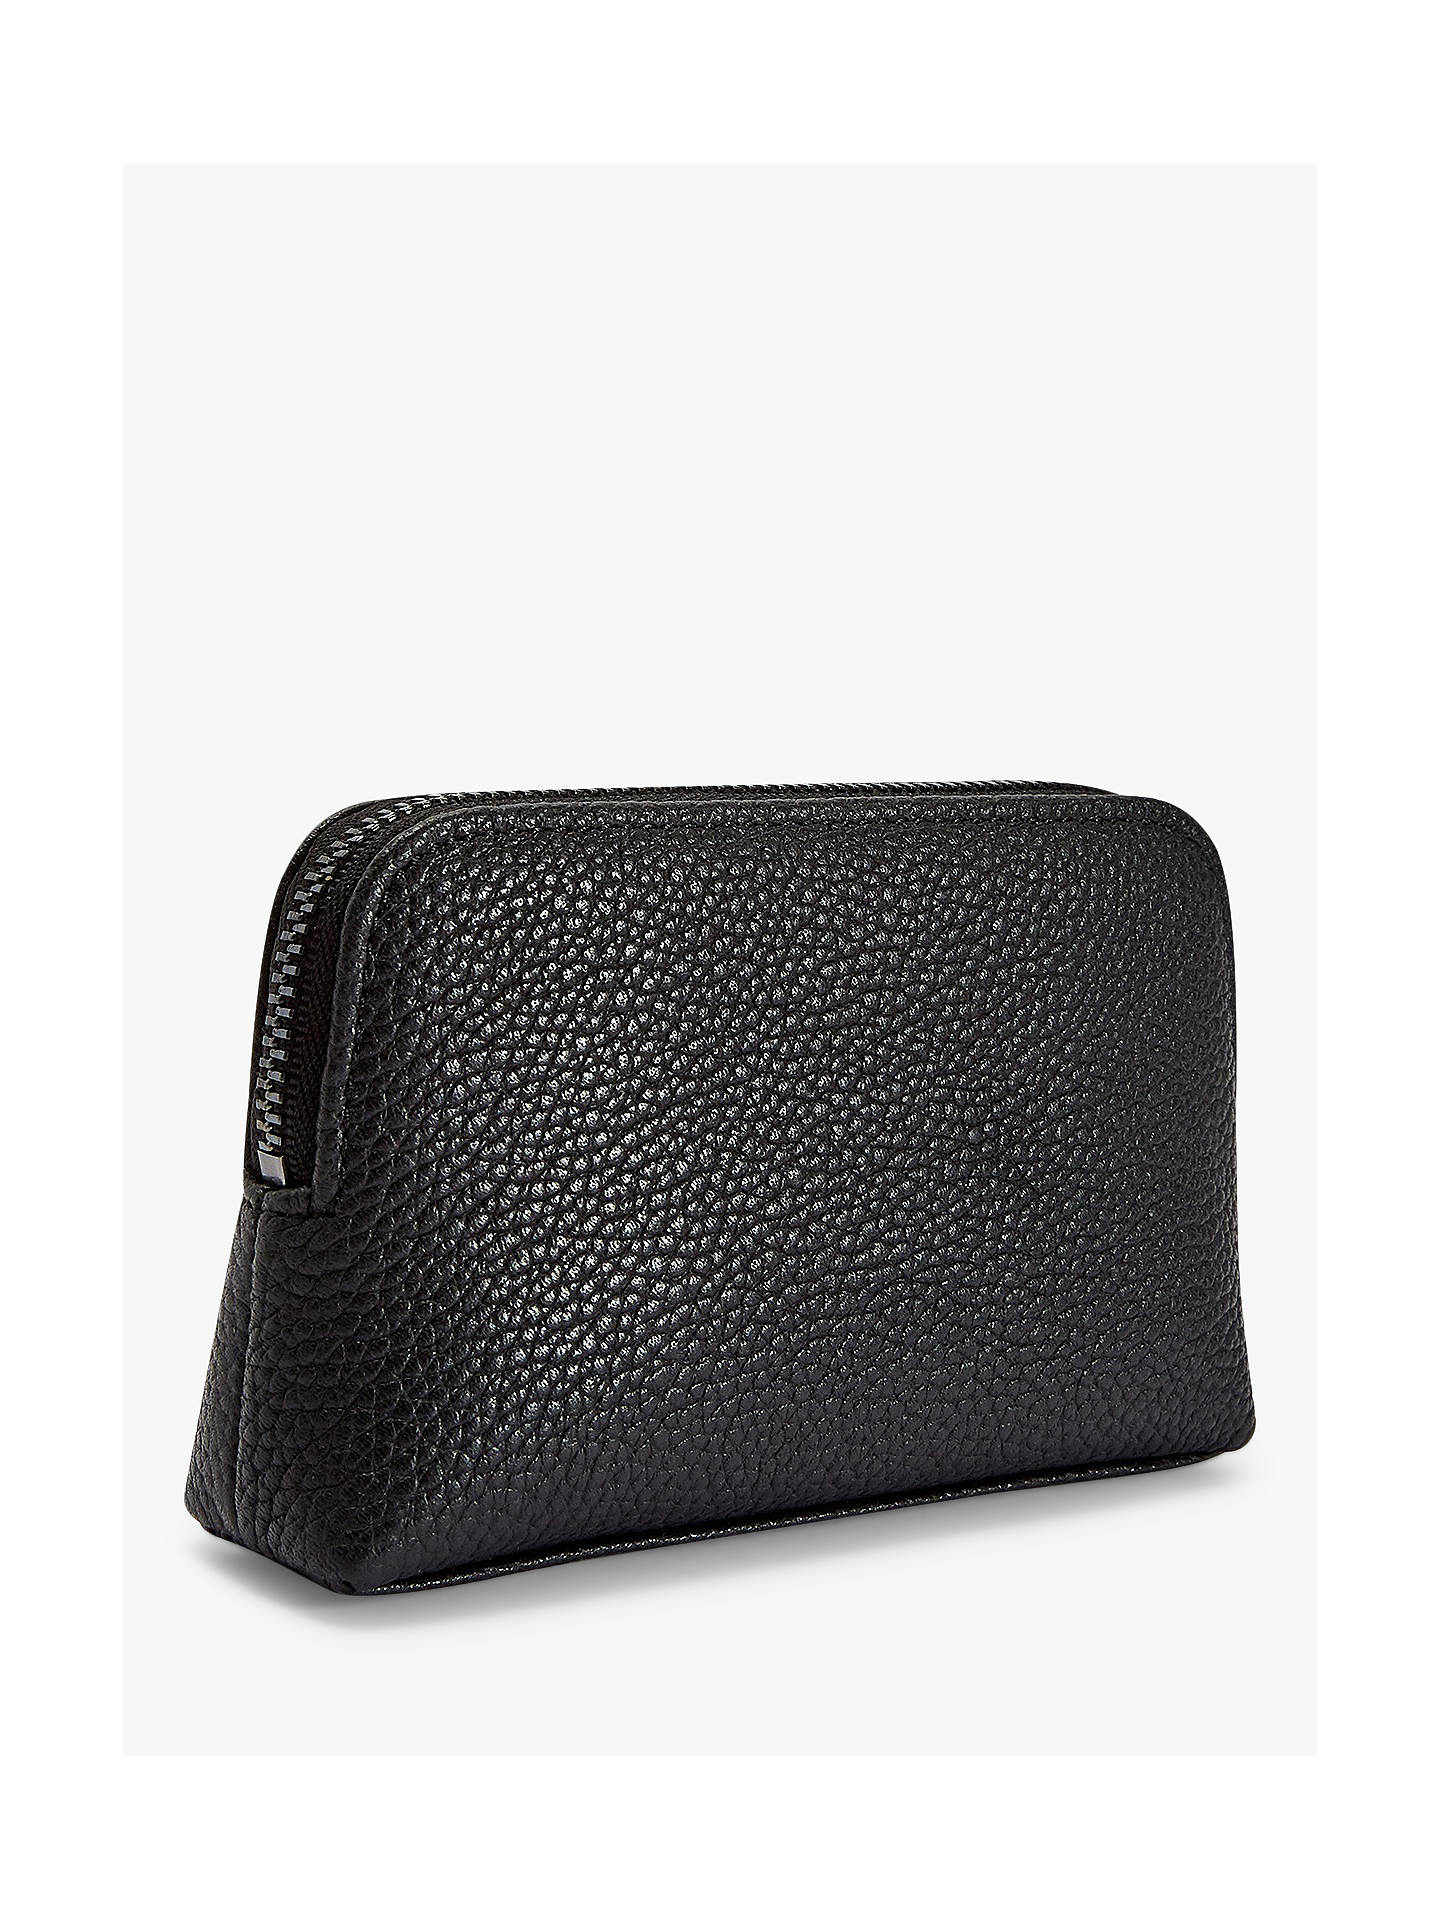 Ted Baker Panse Leather Makeup Bag, Black